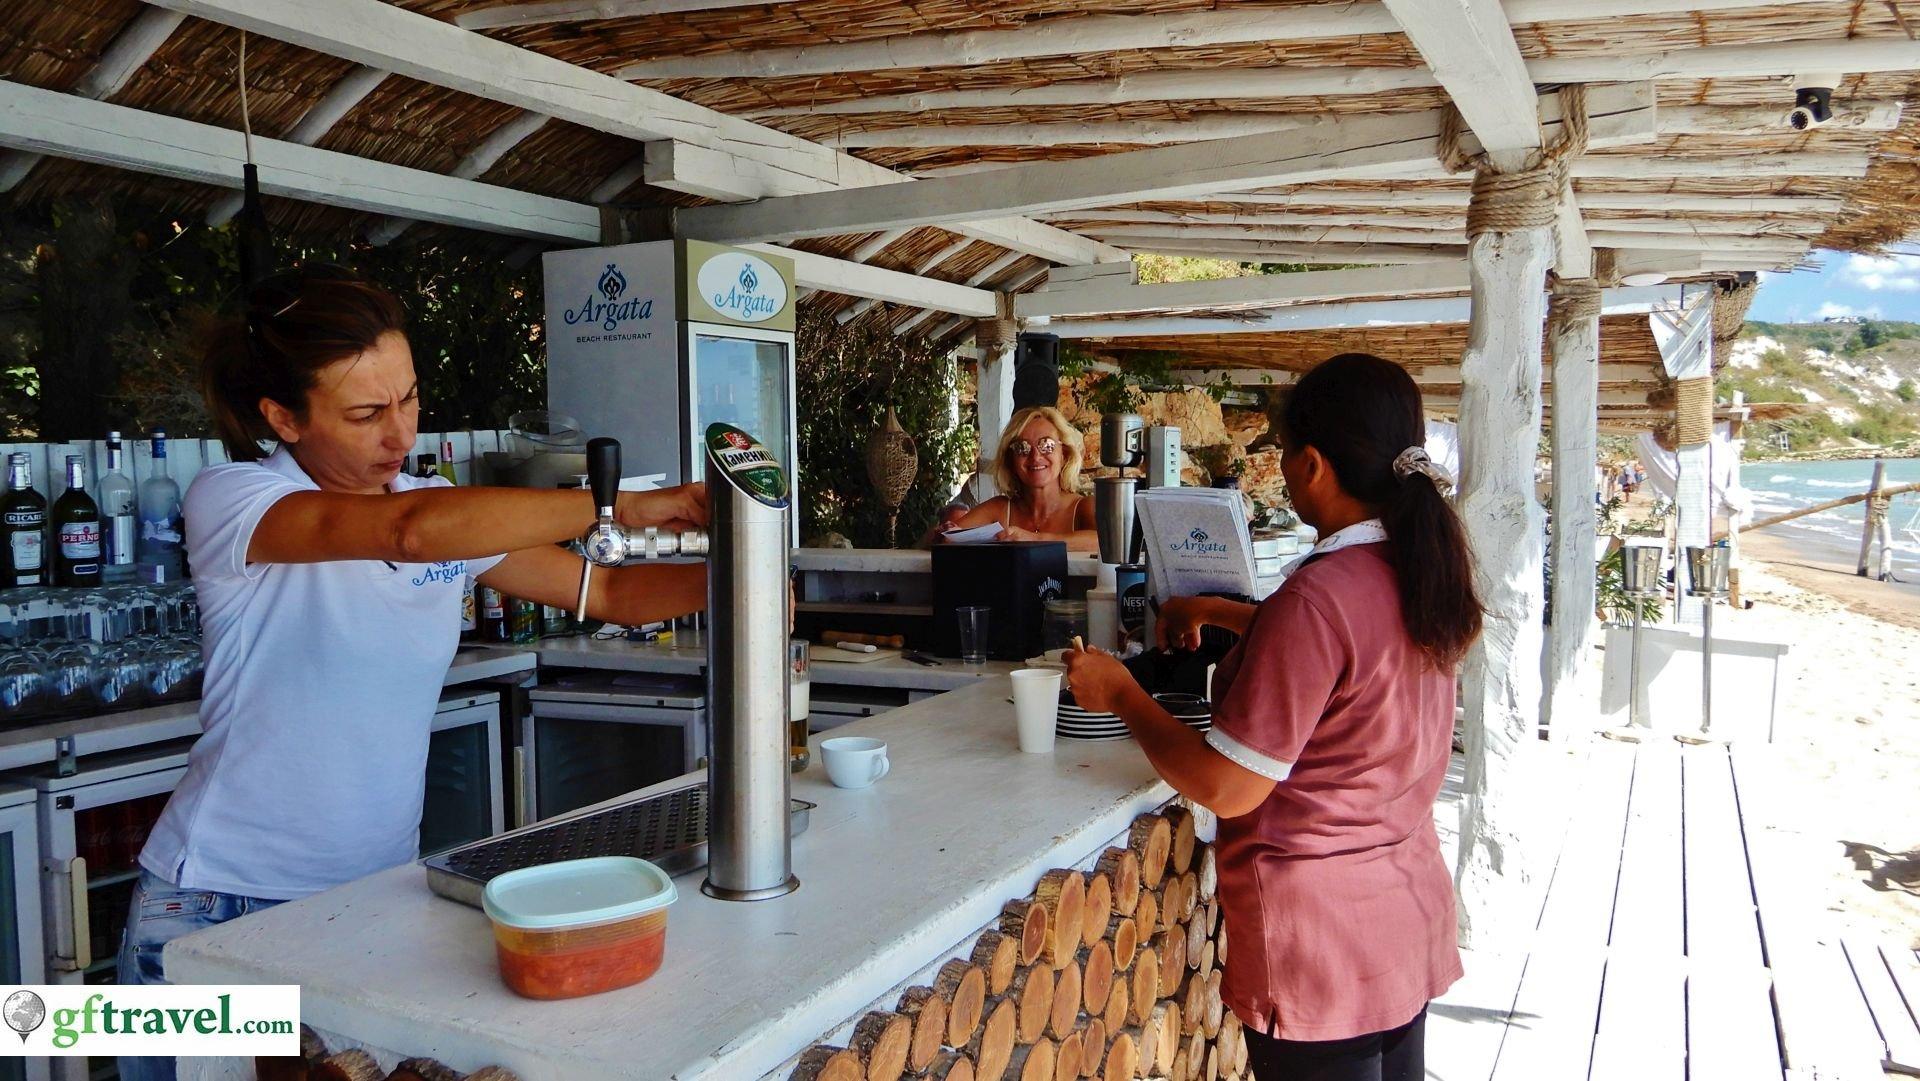 Golf-Gruppenreise-Bulgarien-Thracian-Cliffs-Reisebericht-Thracian-Cliffs-Argata-Beach-Restaurant-Bar